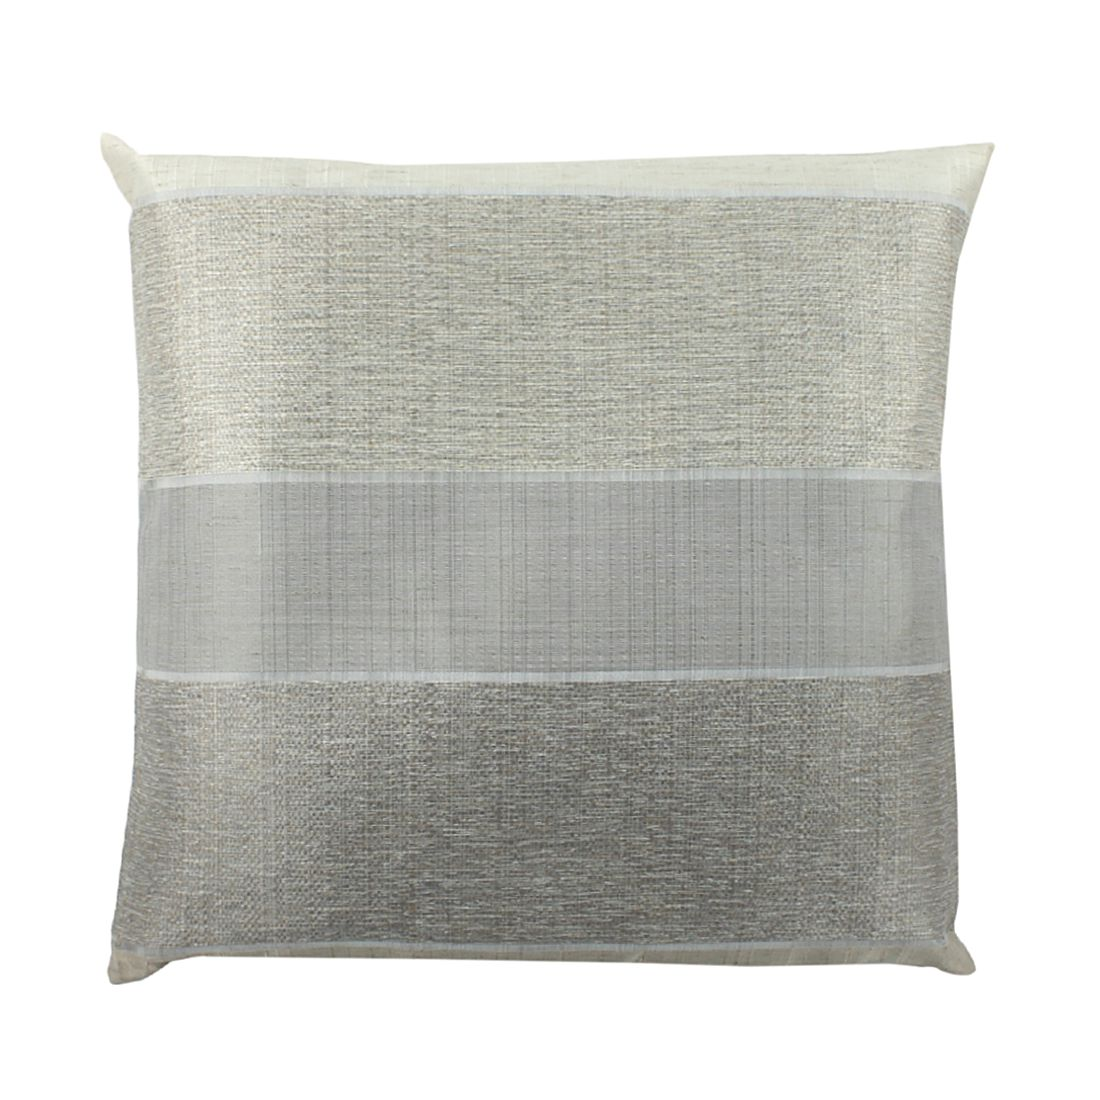 Kissenhülle Merdano – Grau – 40 x 40 cm, Home Wohnideen günstig online kaufen